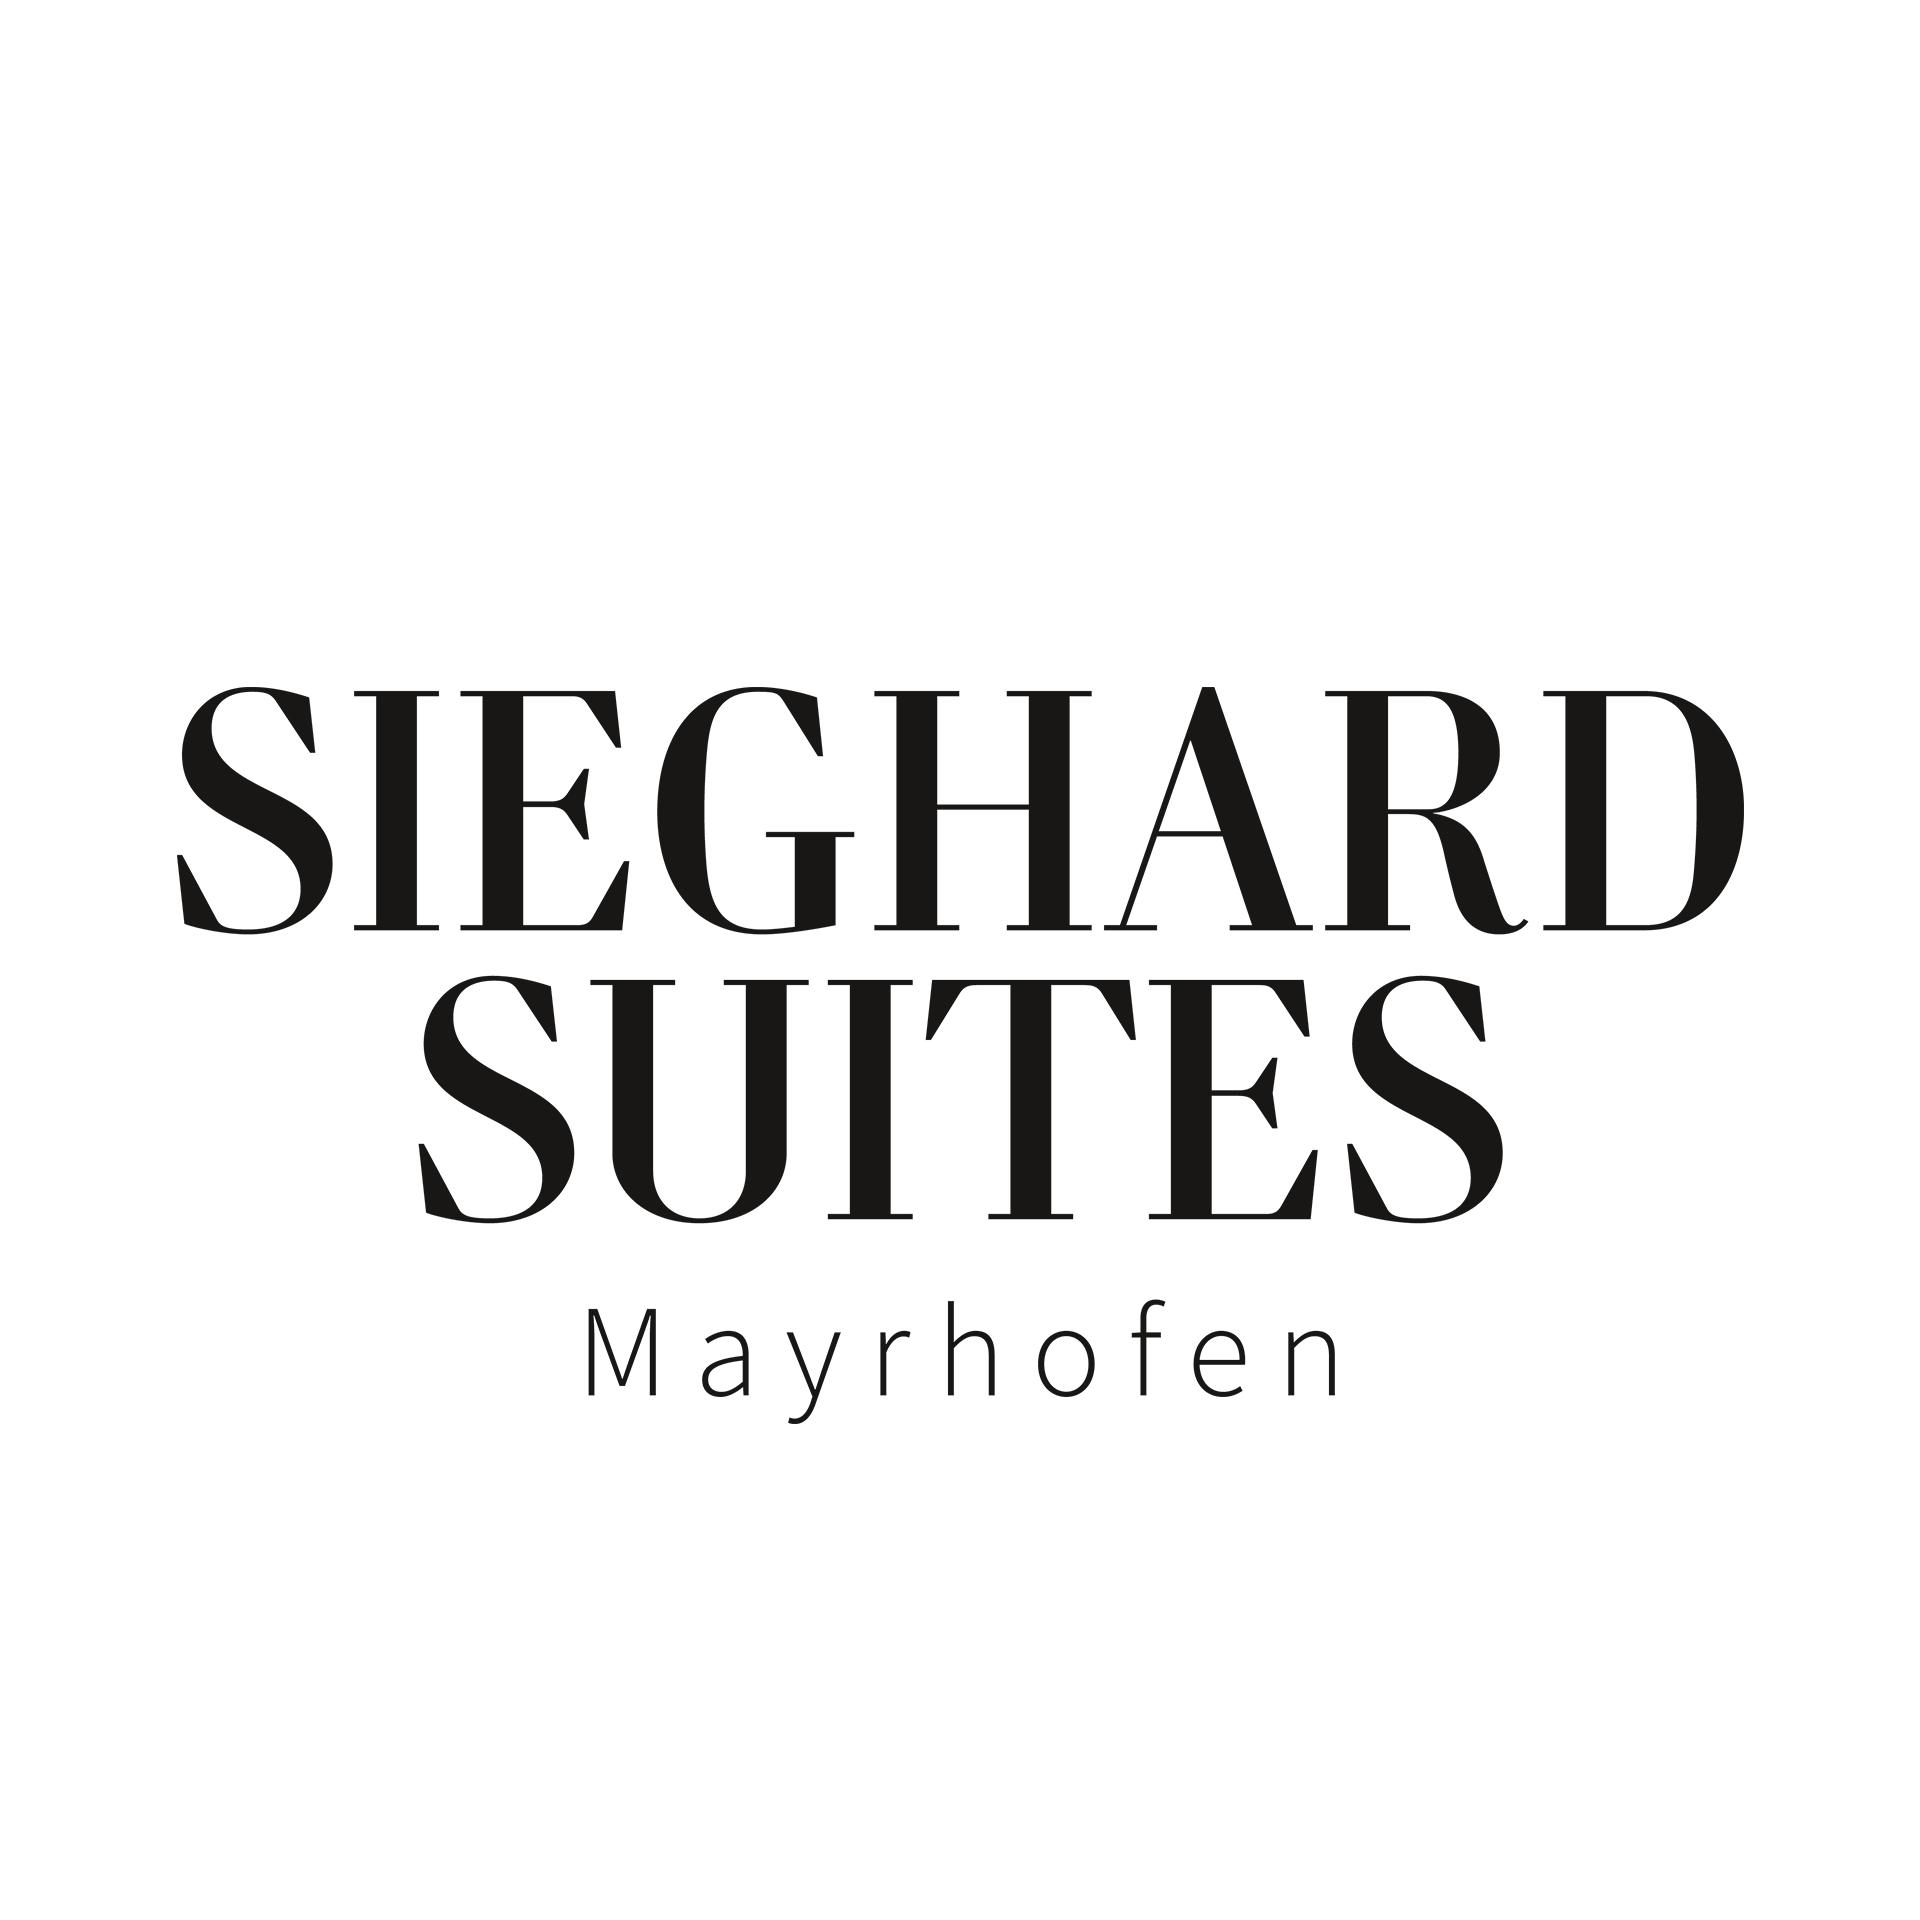 Sieghard Suites